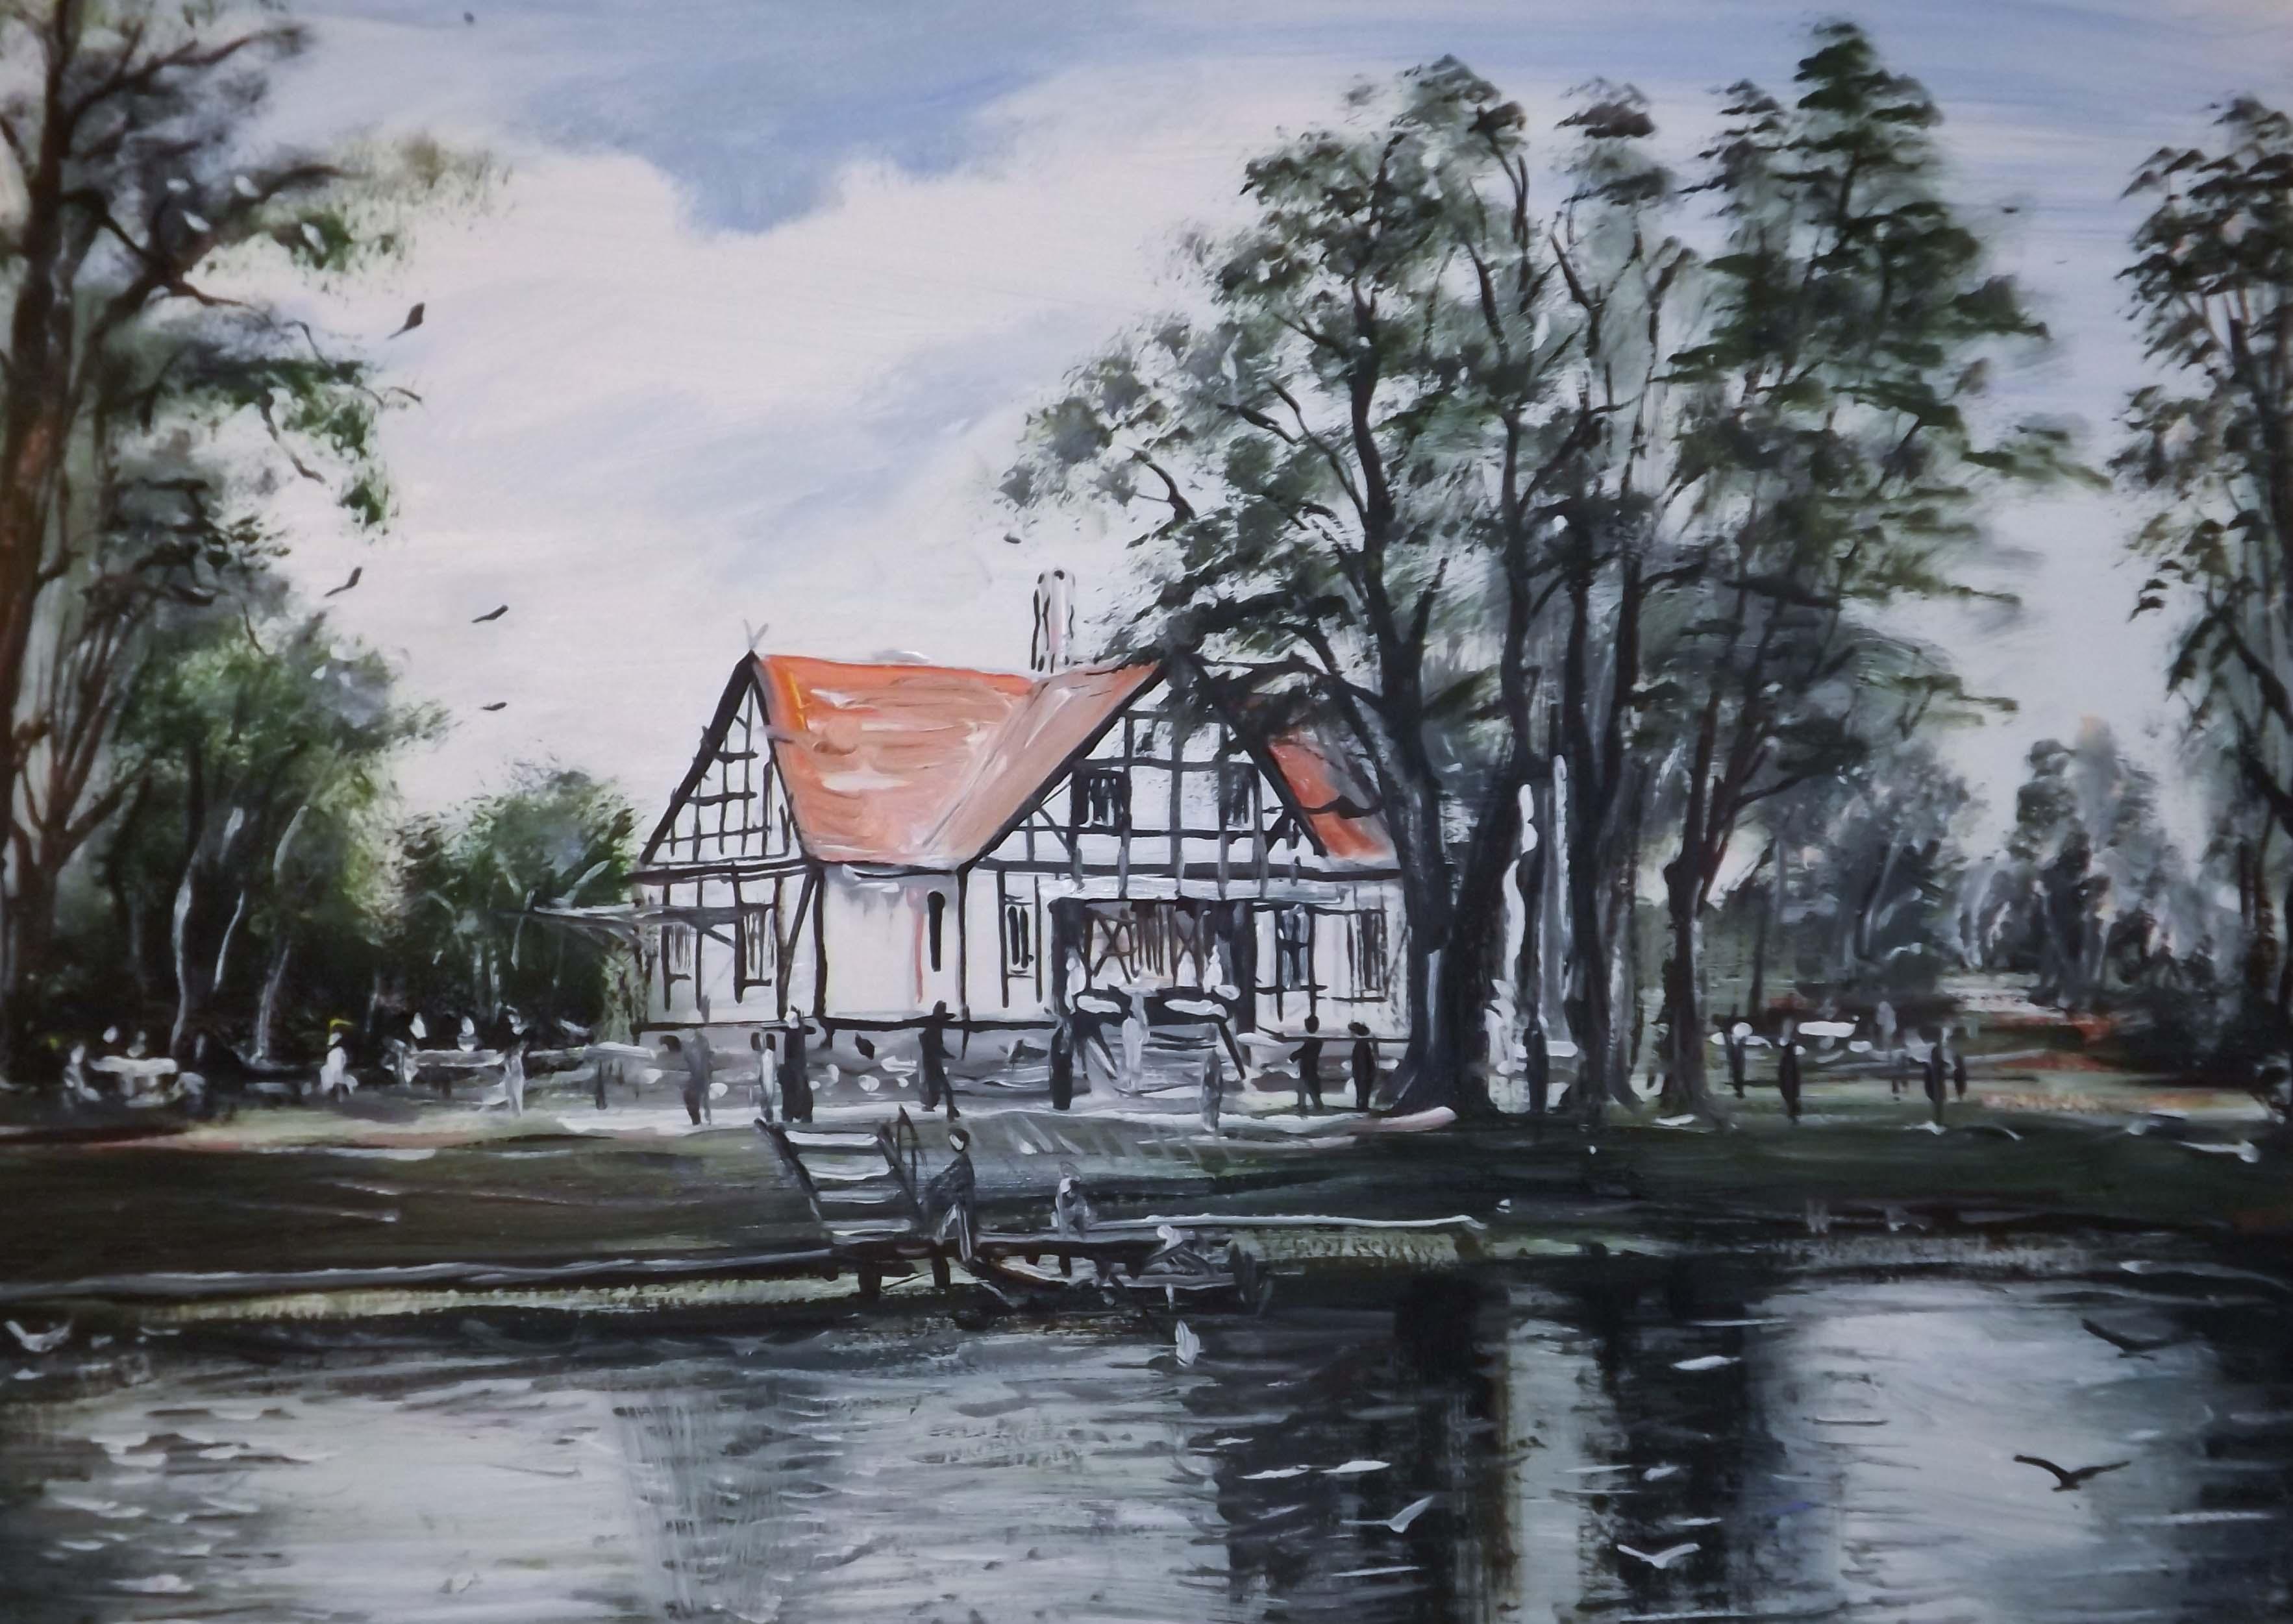 https://peter-natusch.de/wp-content/uploads/2018/01/Breslau-Gartensiedlung.jpg